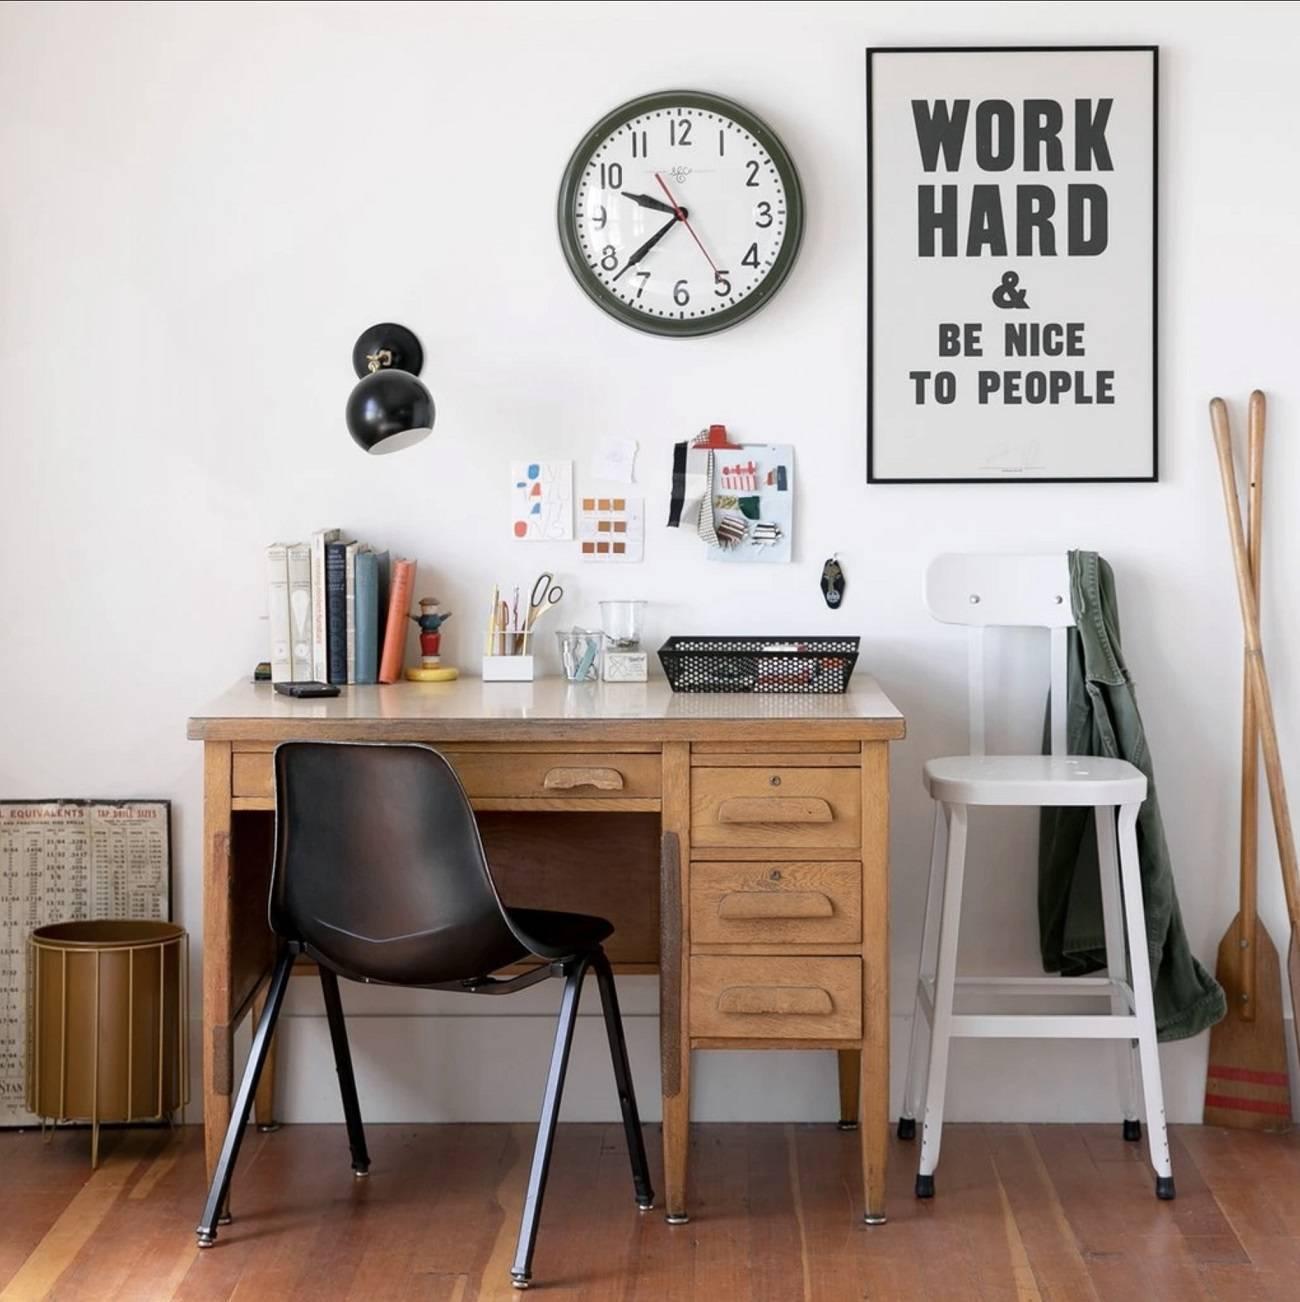 55 идей дизайна рабочего места: у окна, в шкафу, детское рабочее место